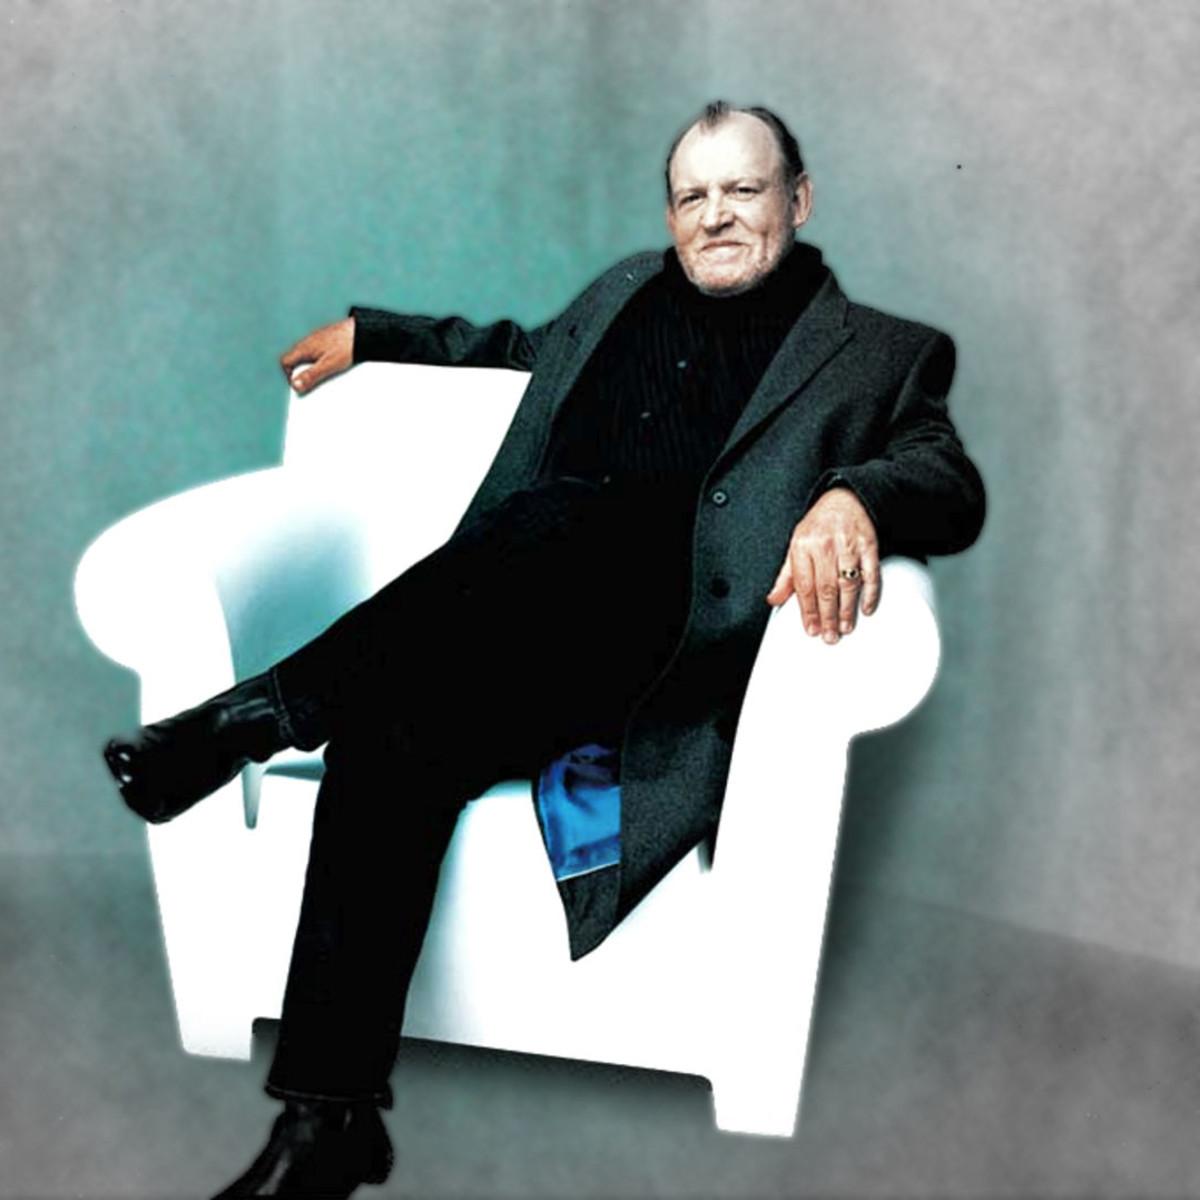 News_Michael D. Clark_Joe Cocker_chair_concert pick